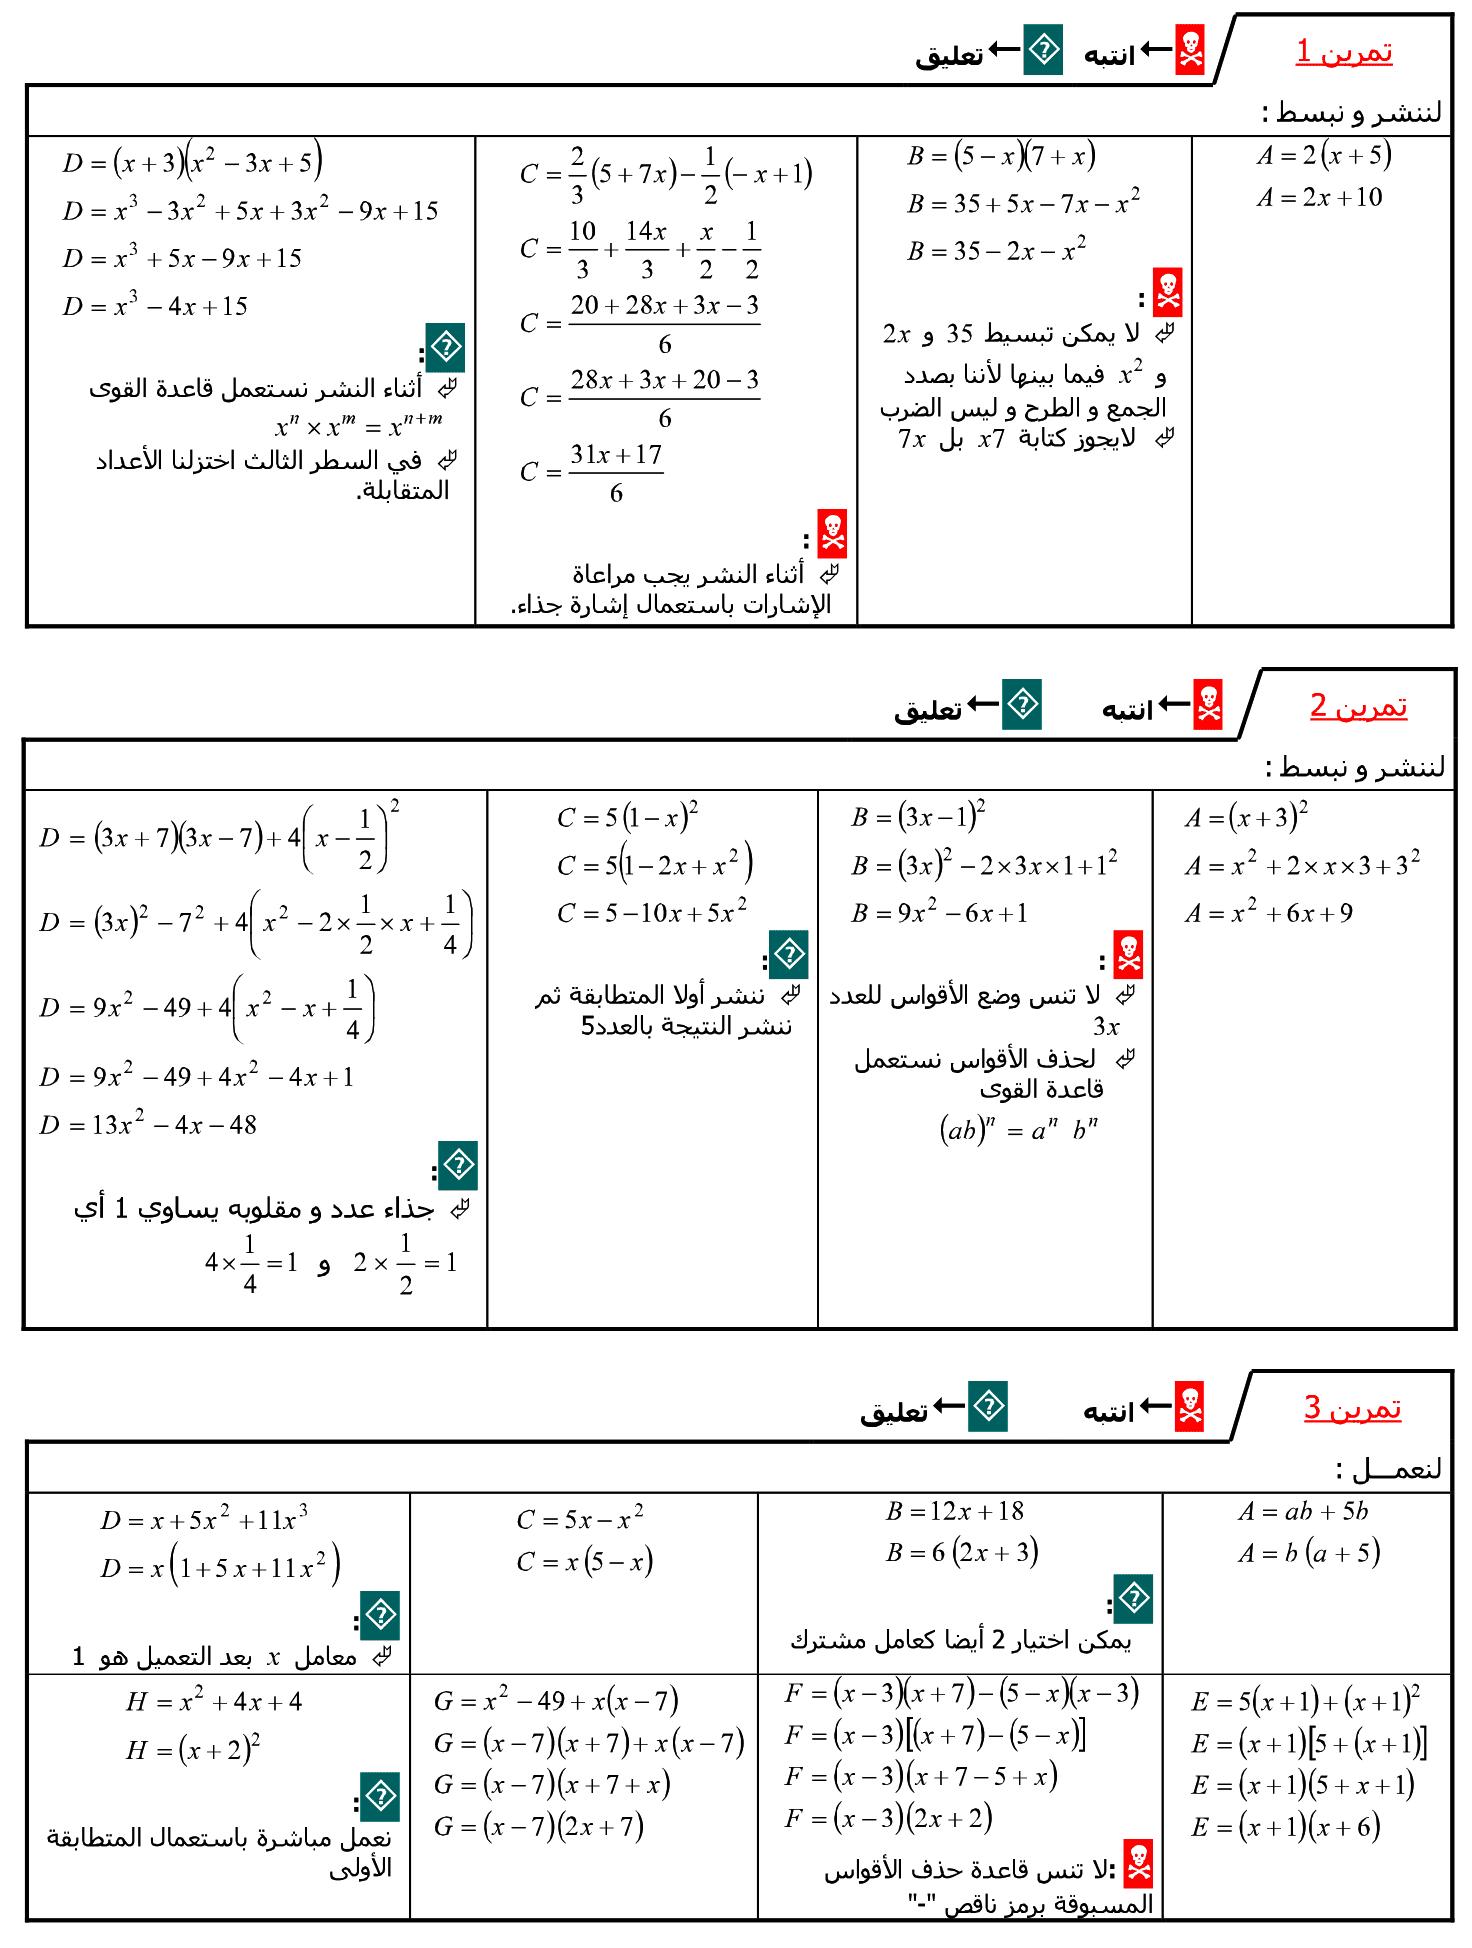 تمارين وحلول المتطابقات الهامة للسنة الثالثة إعدادي